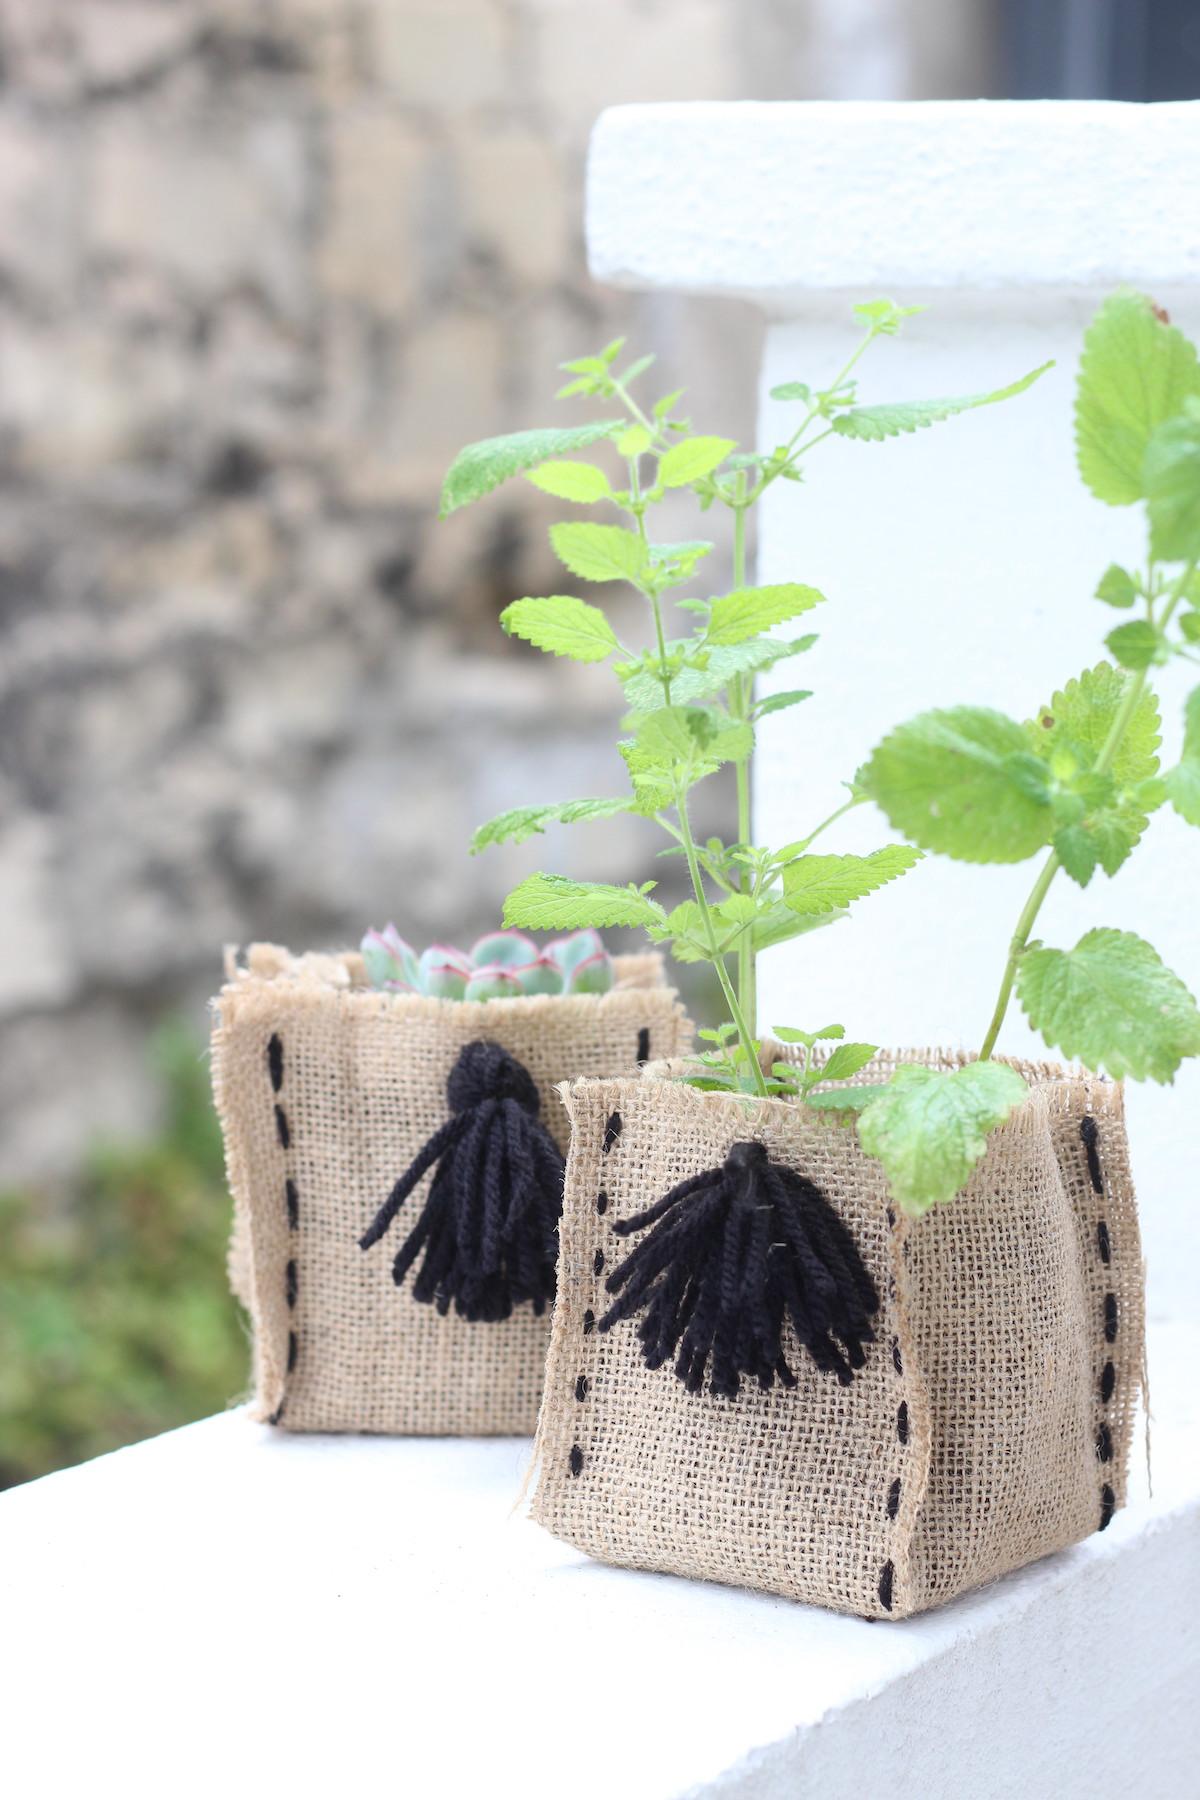 fabriquer pot en toile jute diy semis plantation écolo biodégradable bricolage